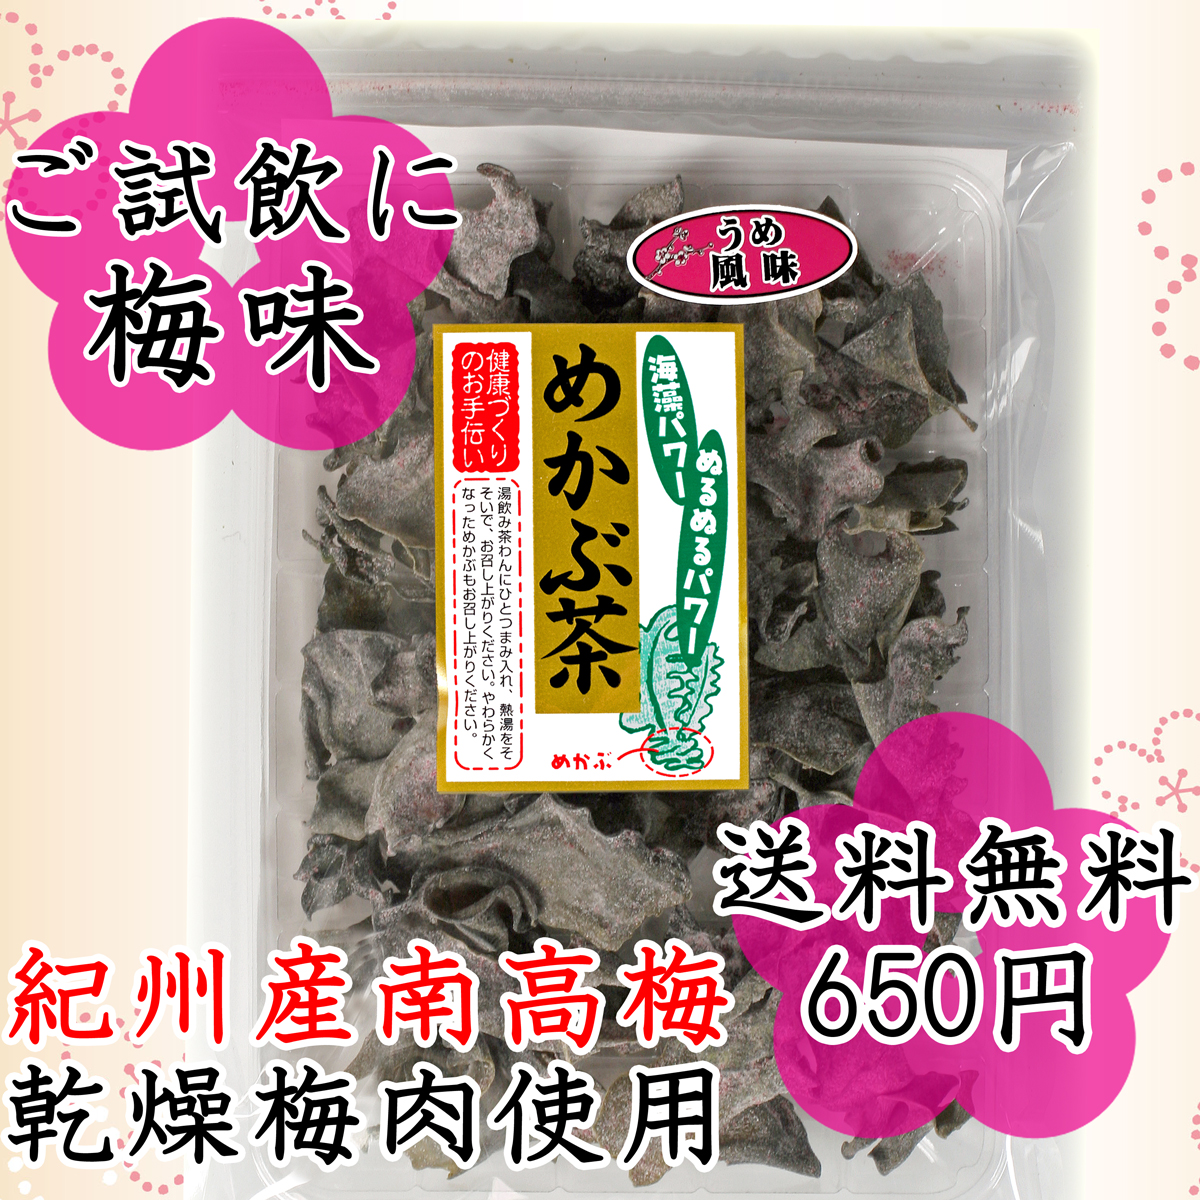 めかぶ茶梅味50g1袋、。南高梅の乾燥梅肉入り【RCP】